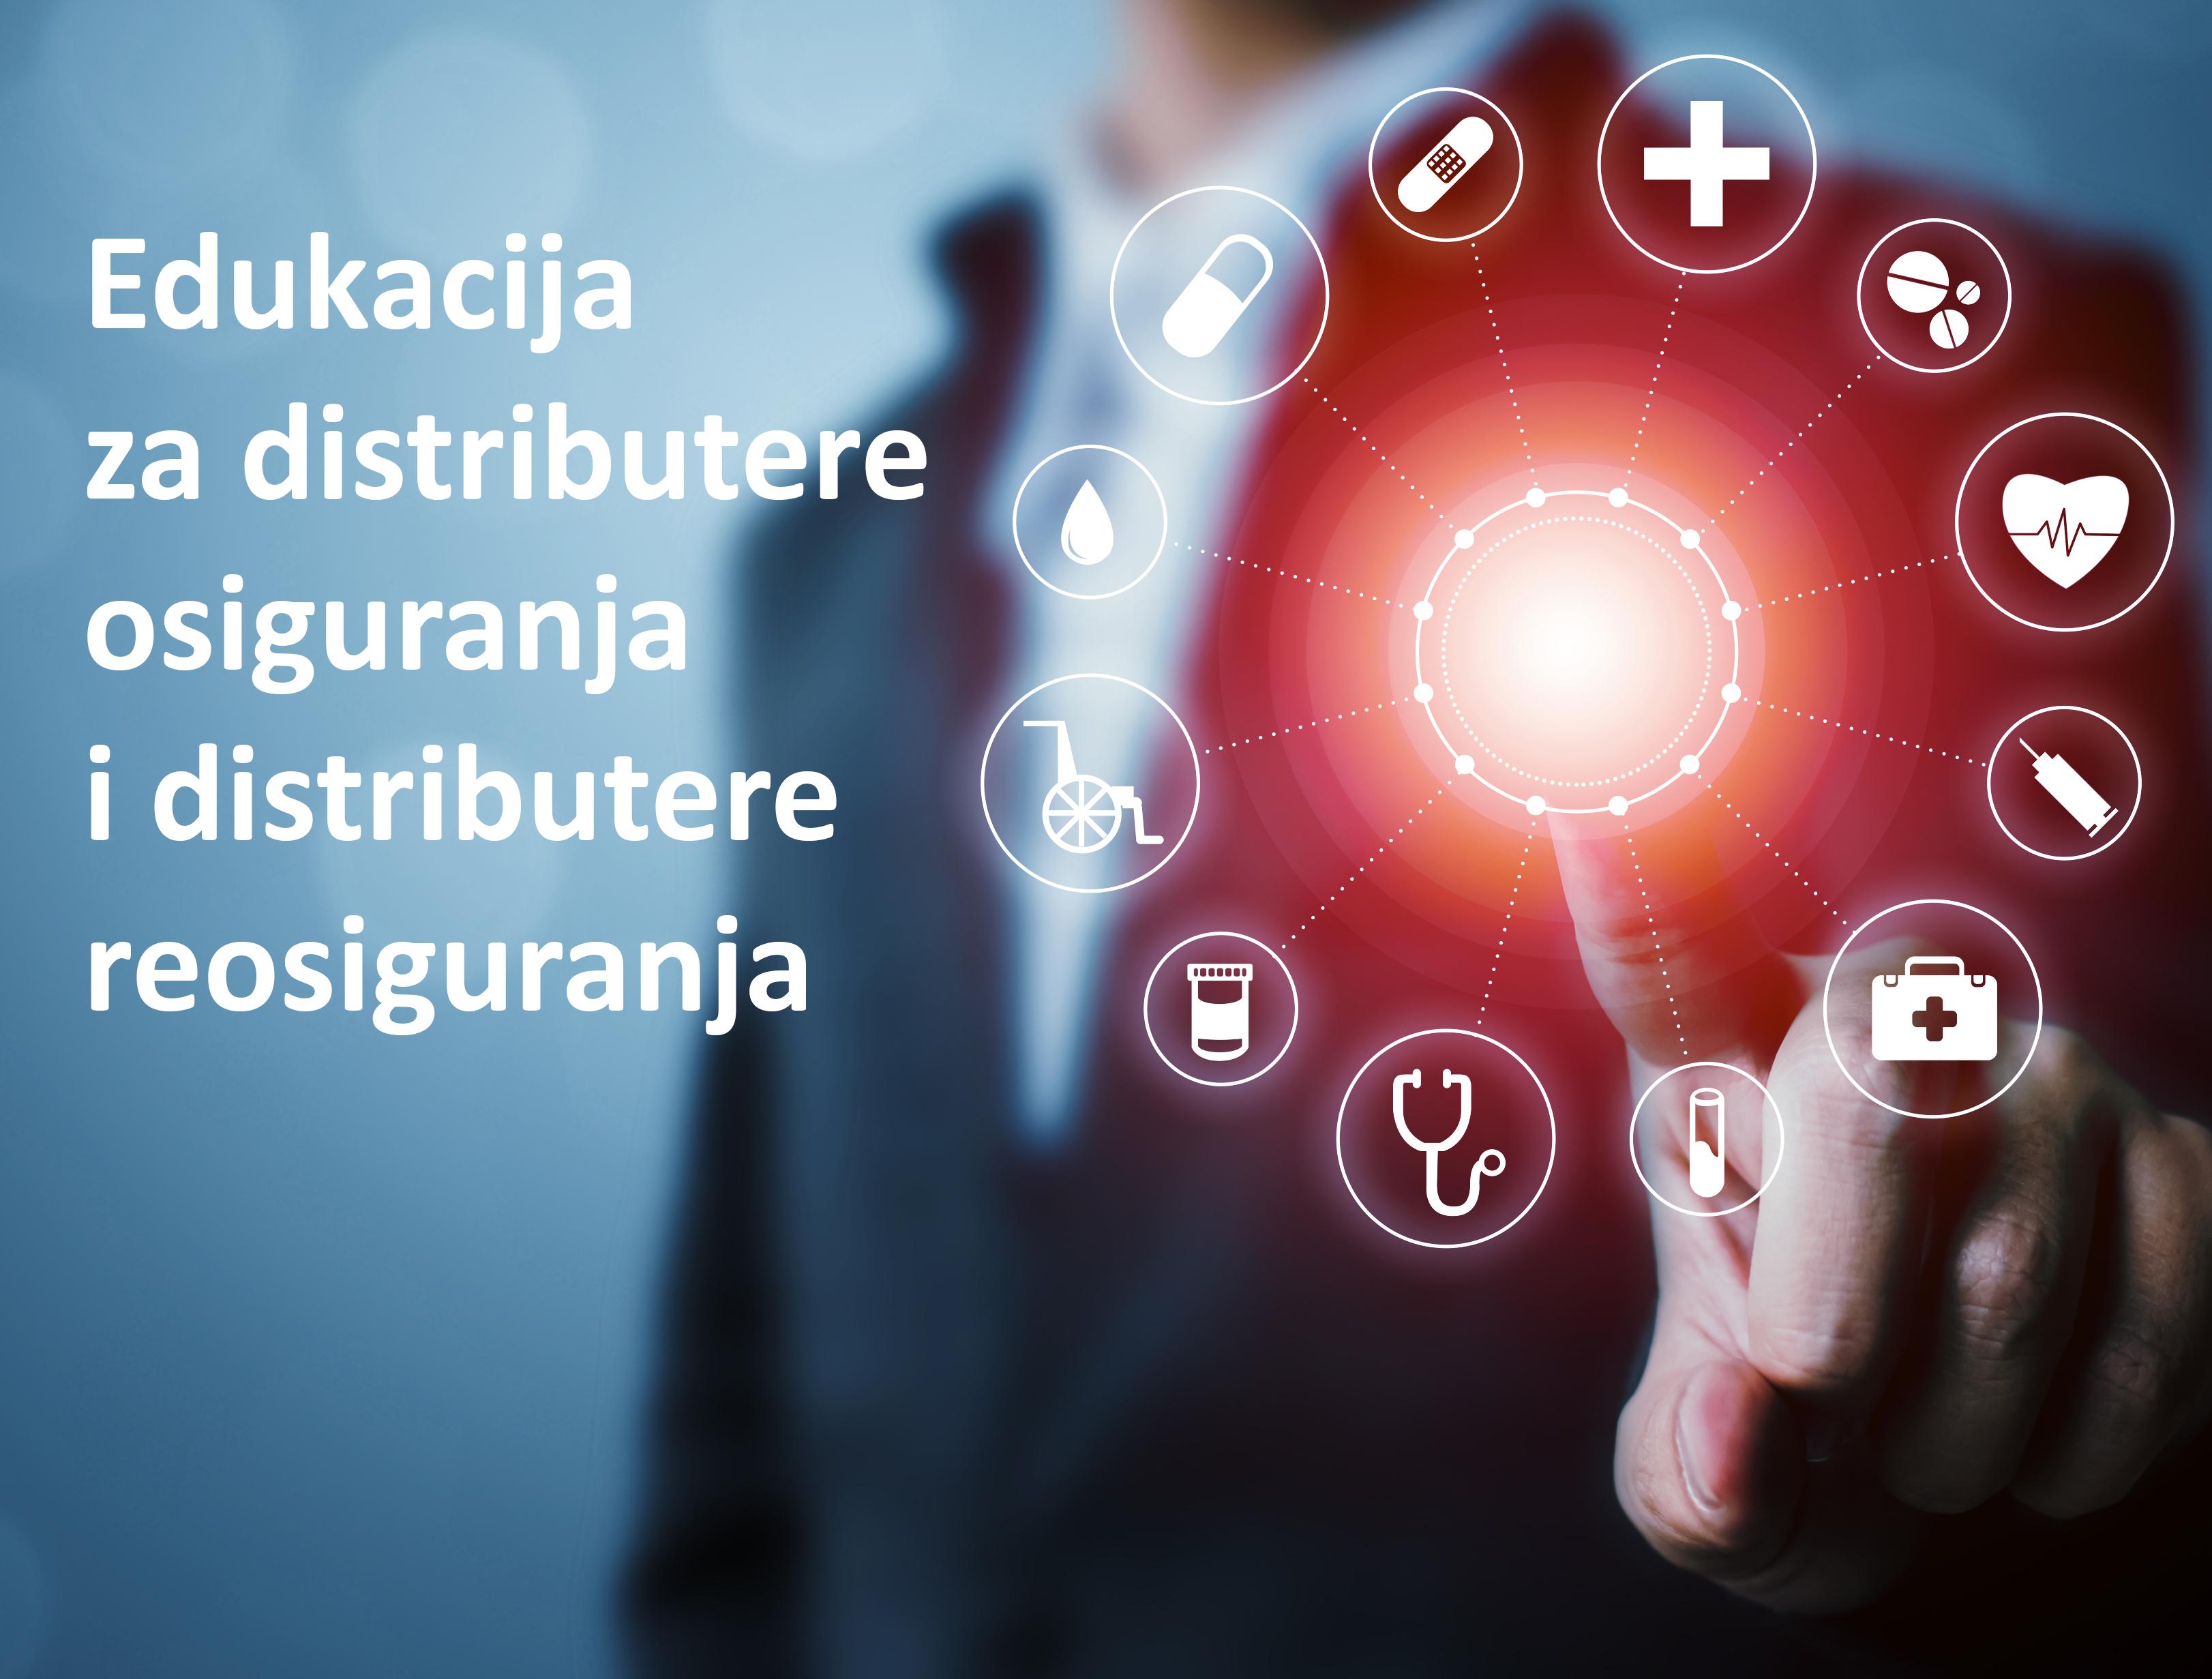 Edukacija za distributere osiguranja i distributere reosiguranja - Neživotna osiguranja